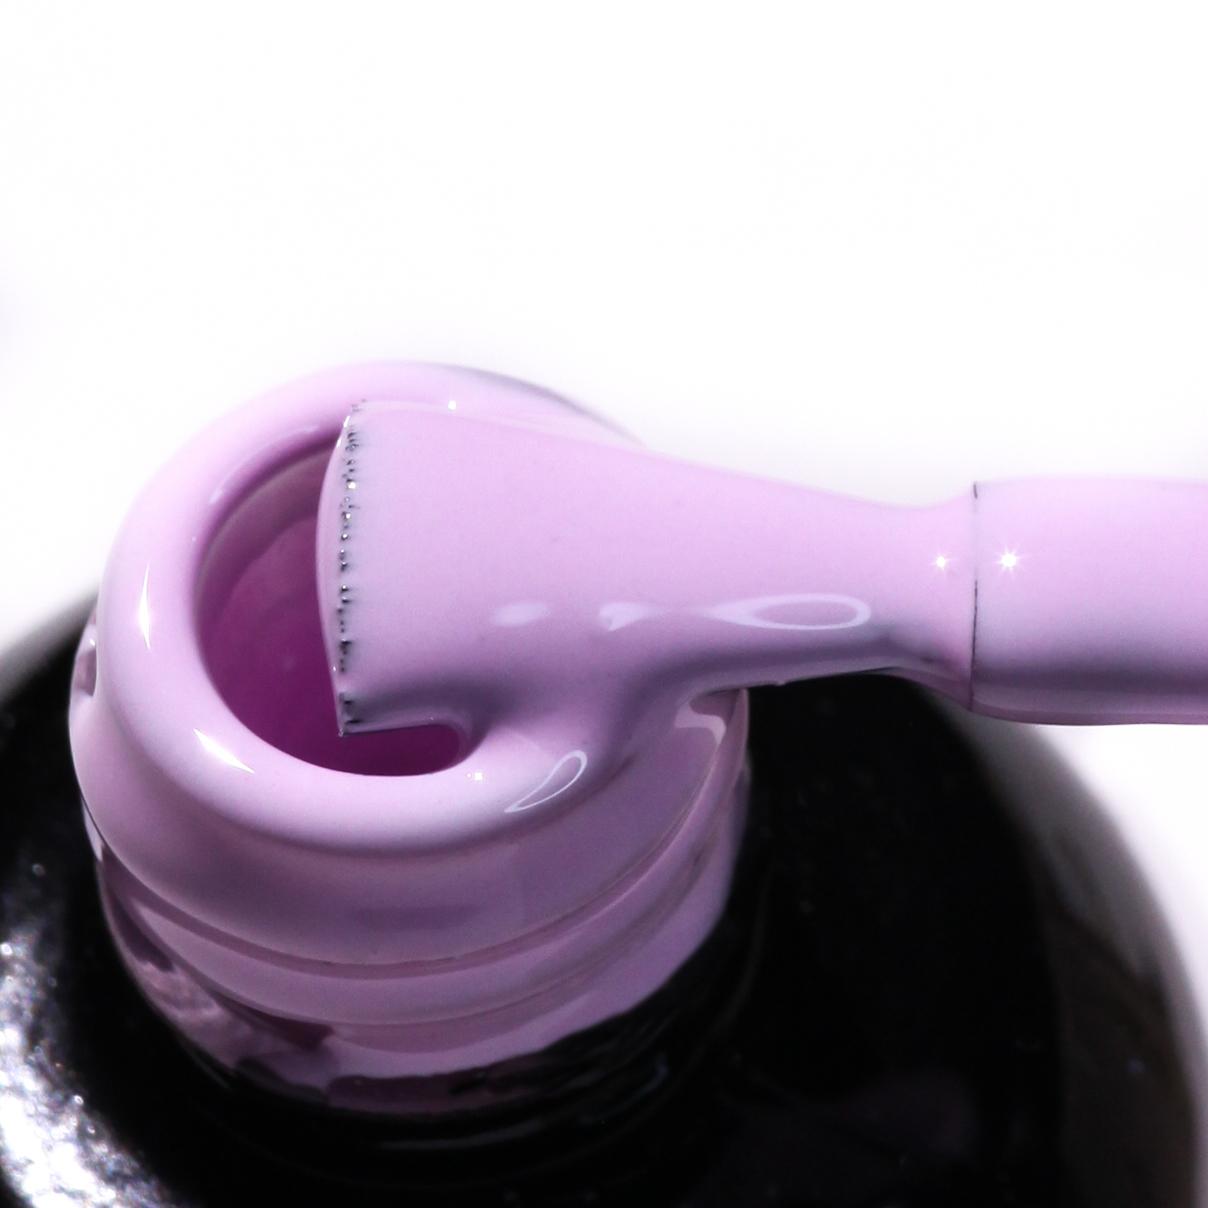 0049 Гель-лак с липким слоем 11мл Cosmake Бело-Розовый